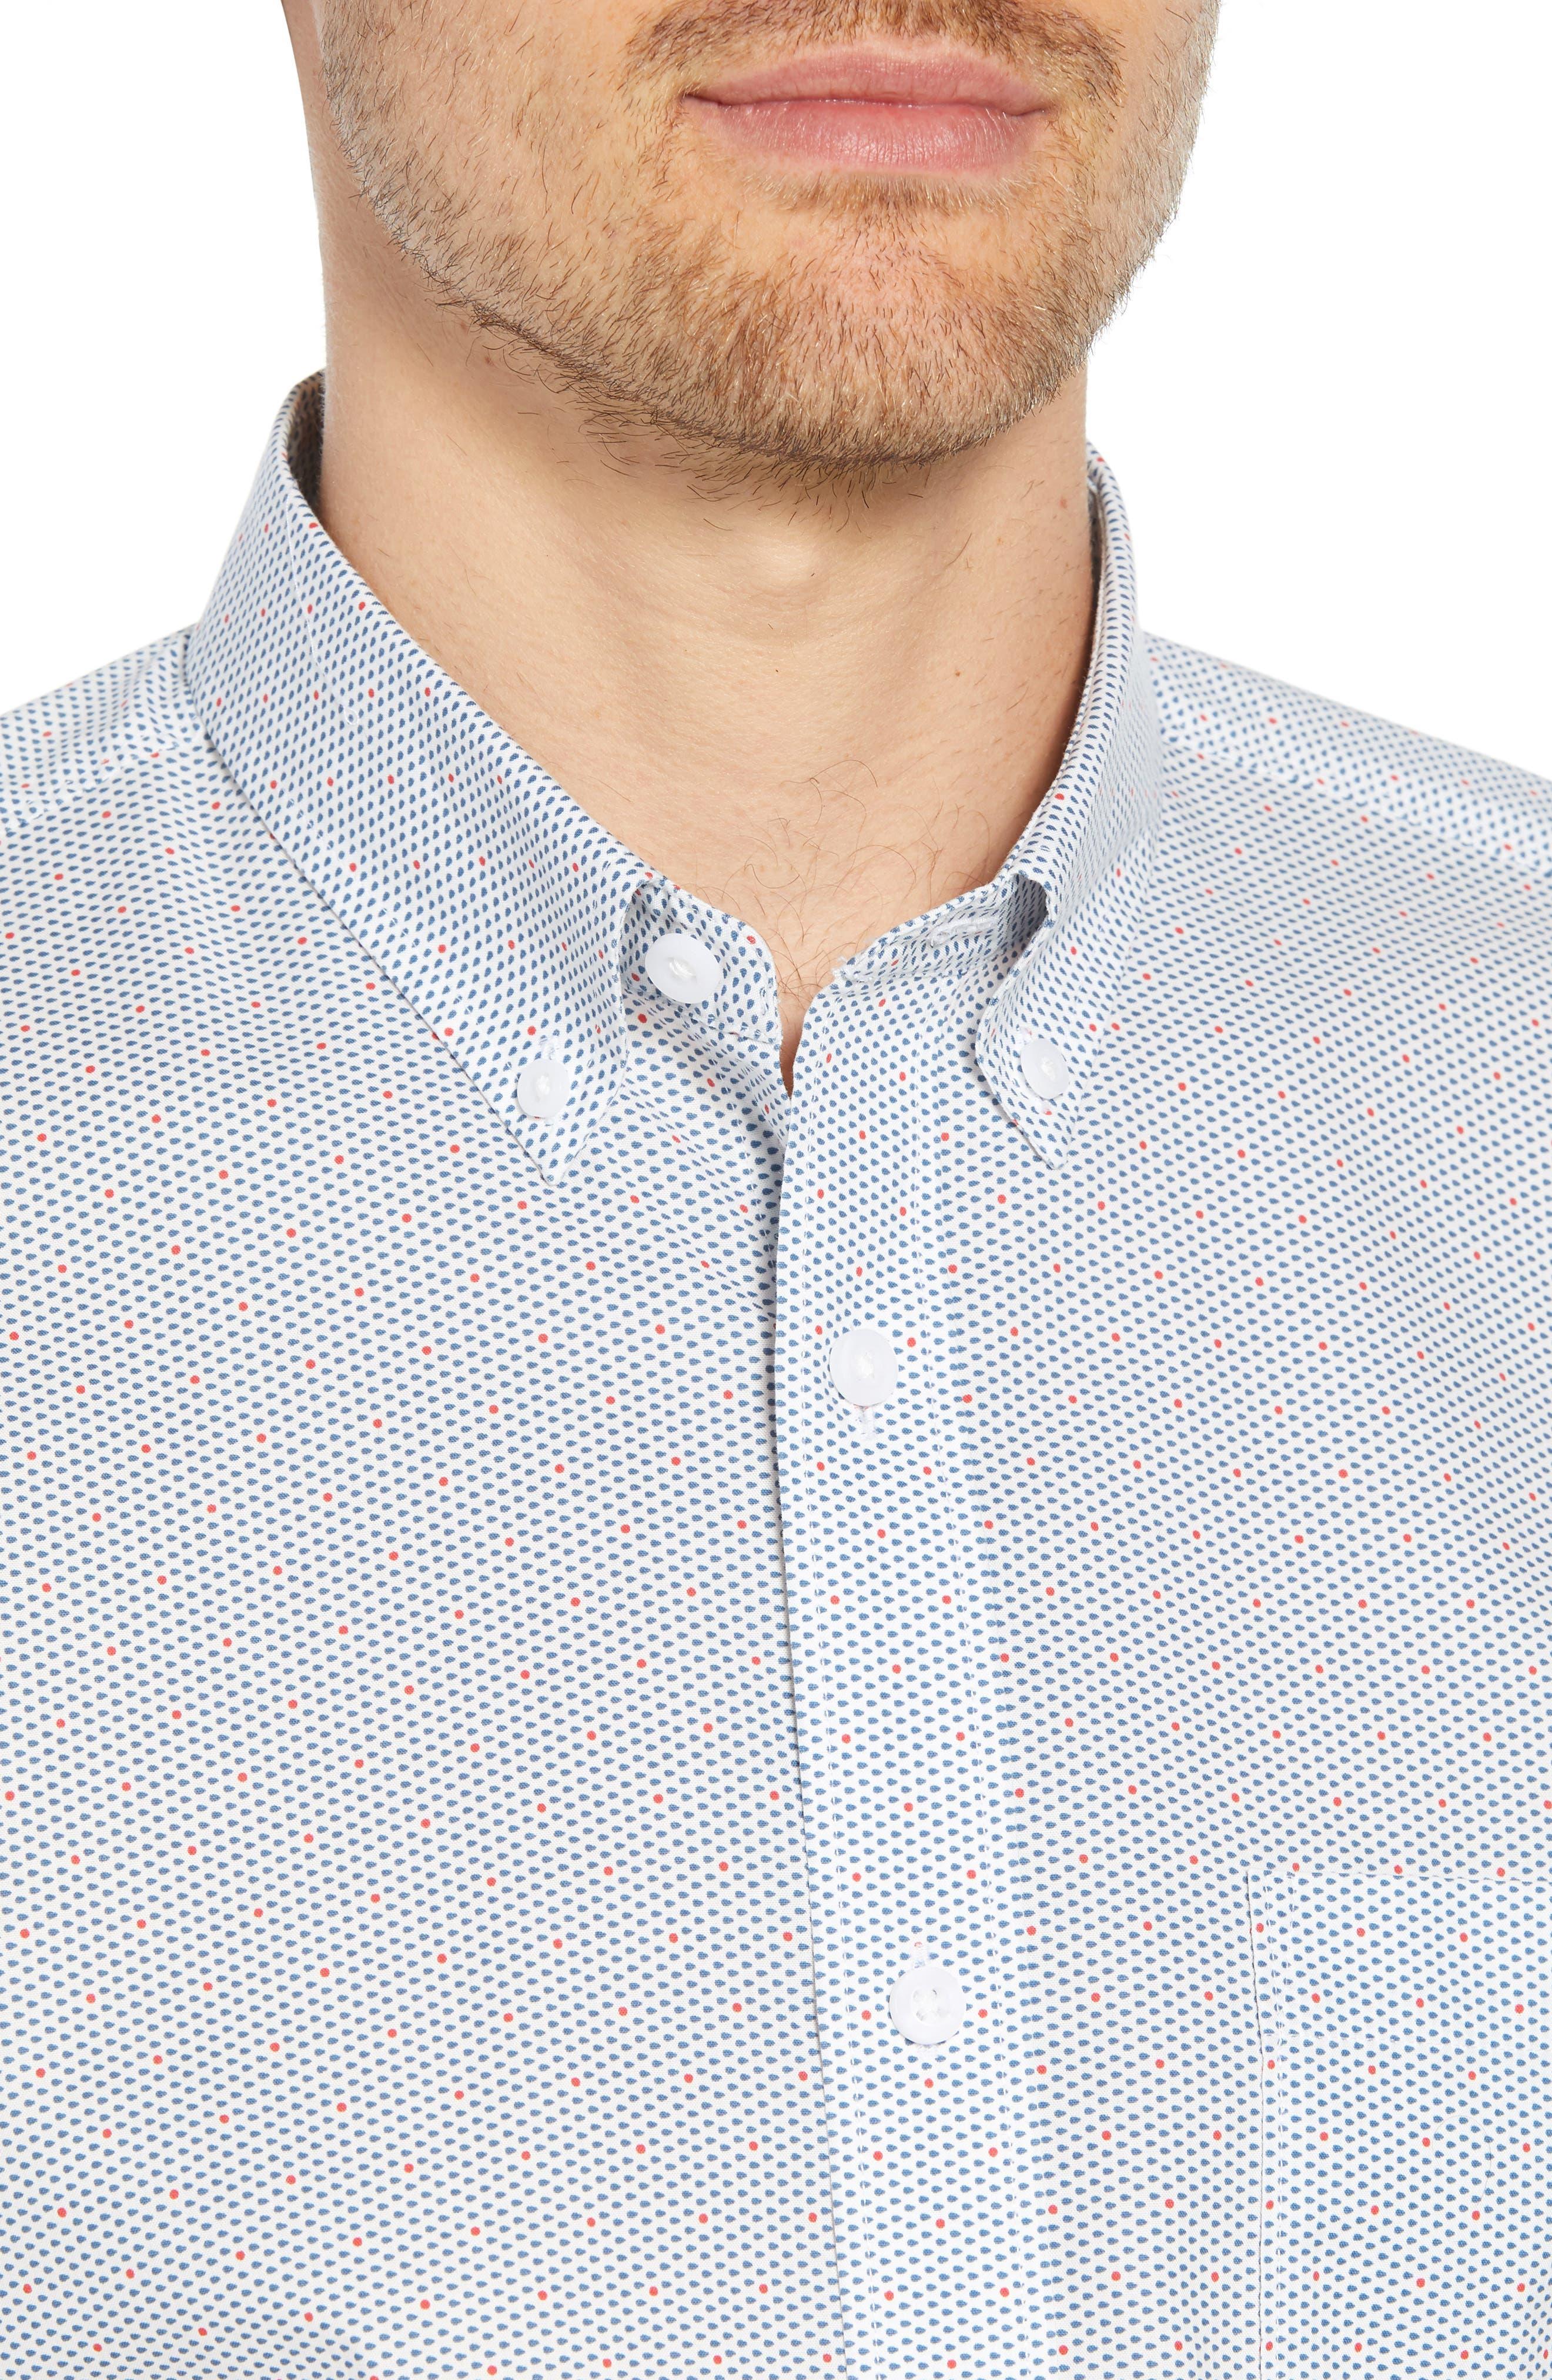 Trim Fit Multi Dot Sport Shirt,                             Alternate thumbnail 4, color,                             100